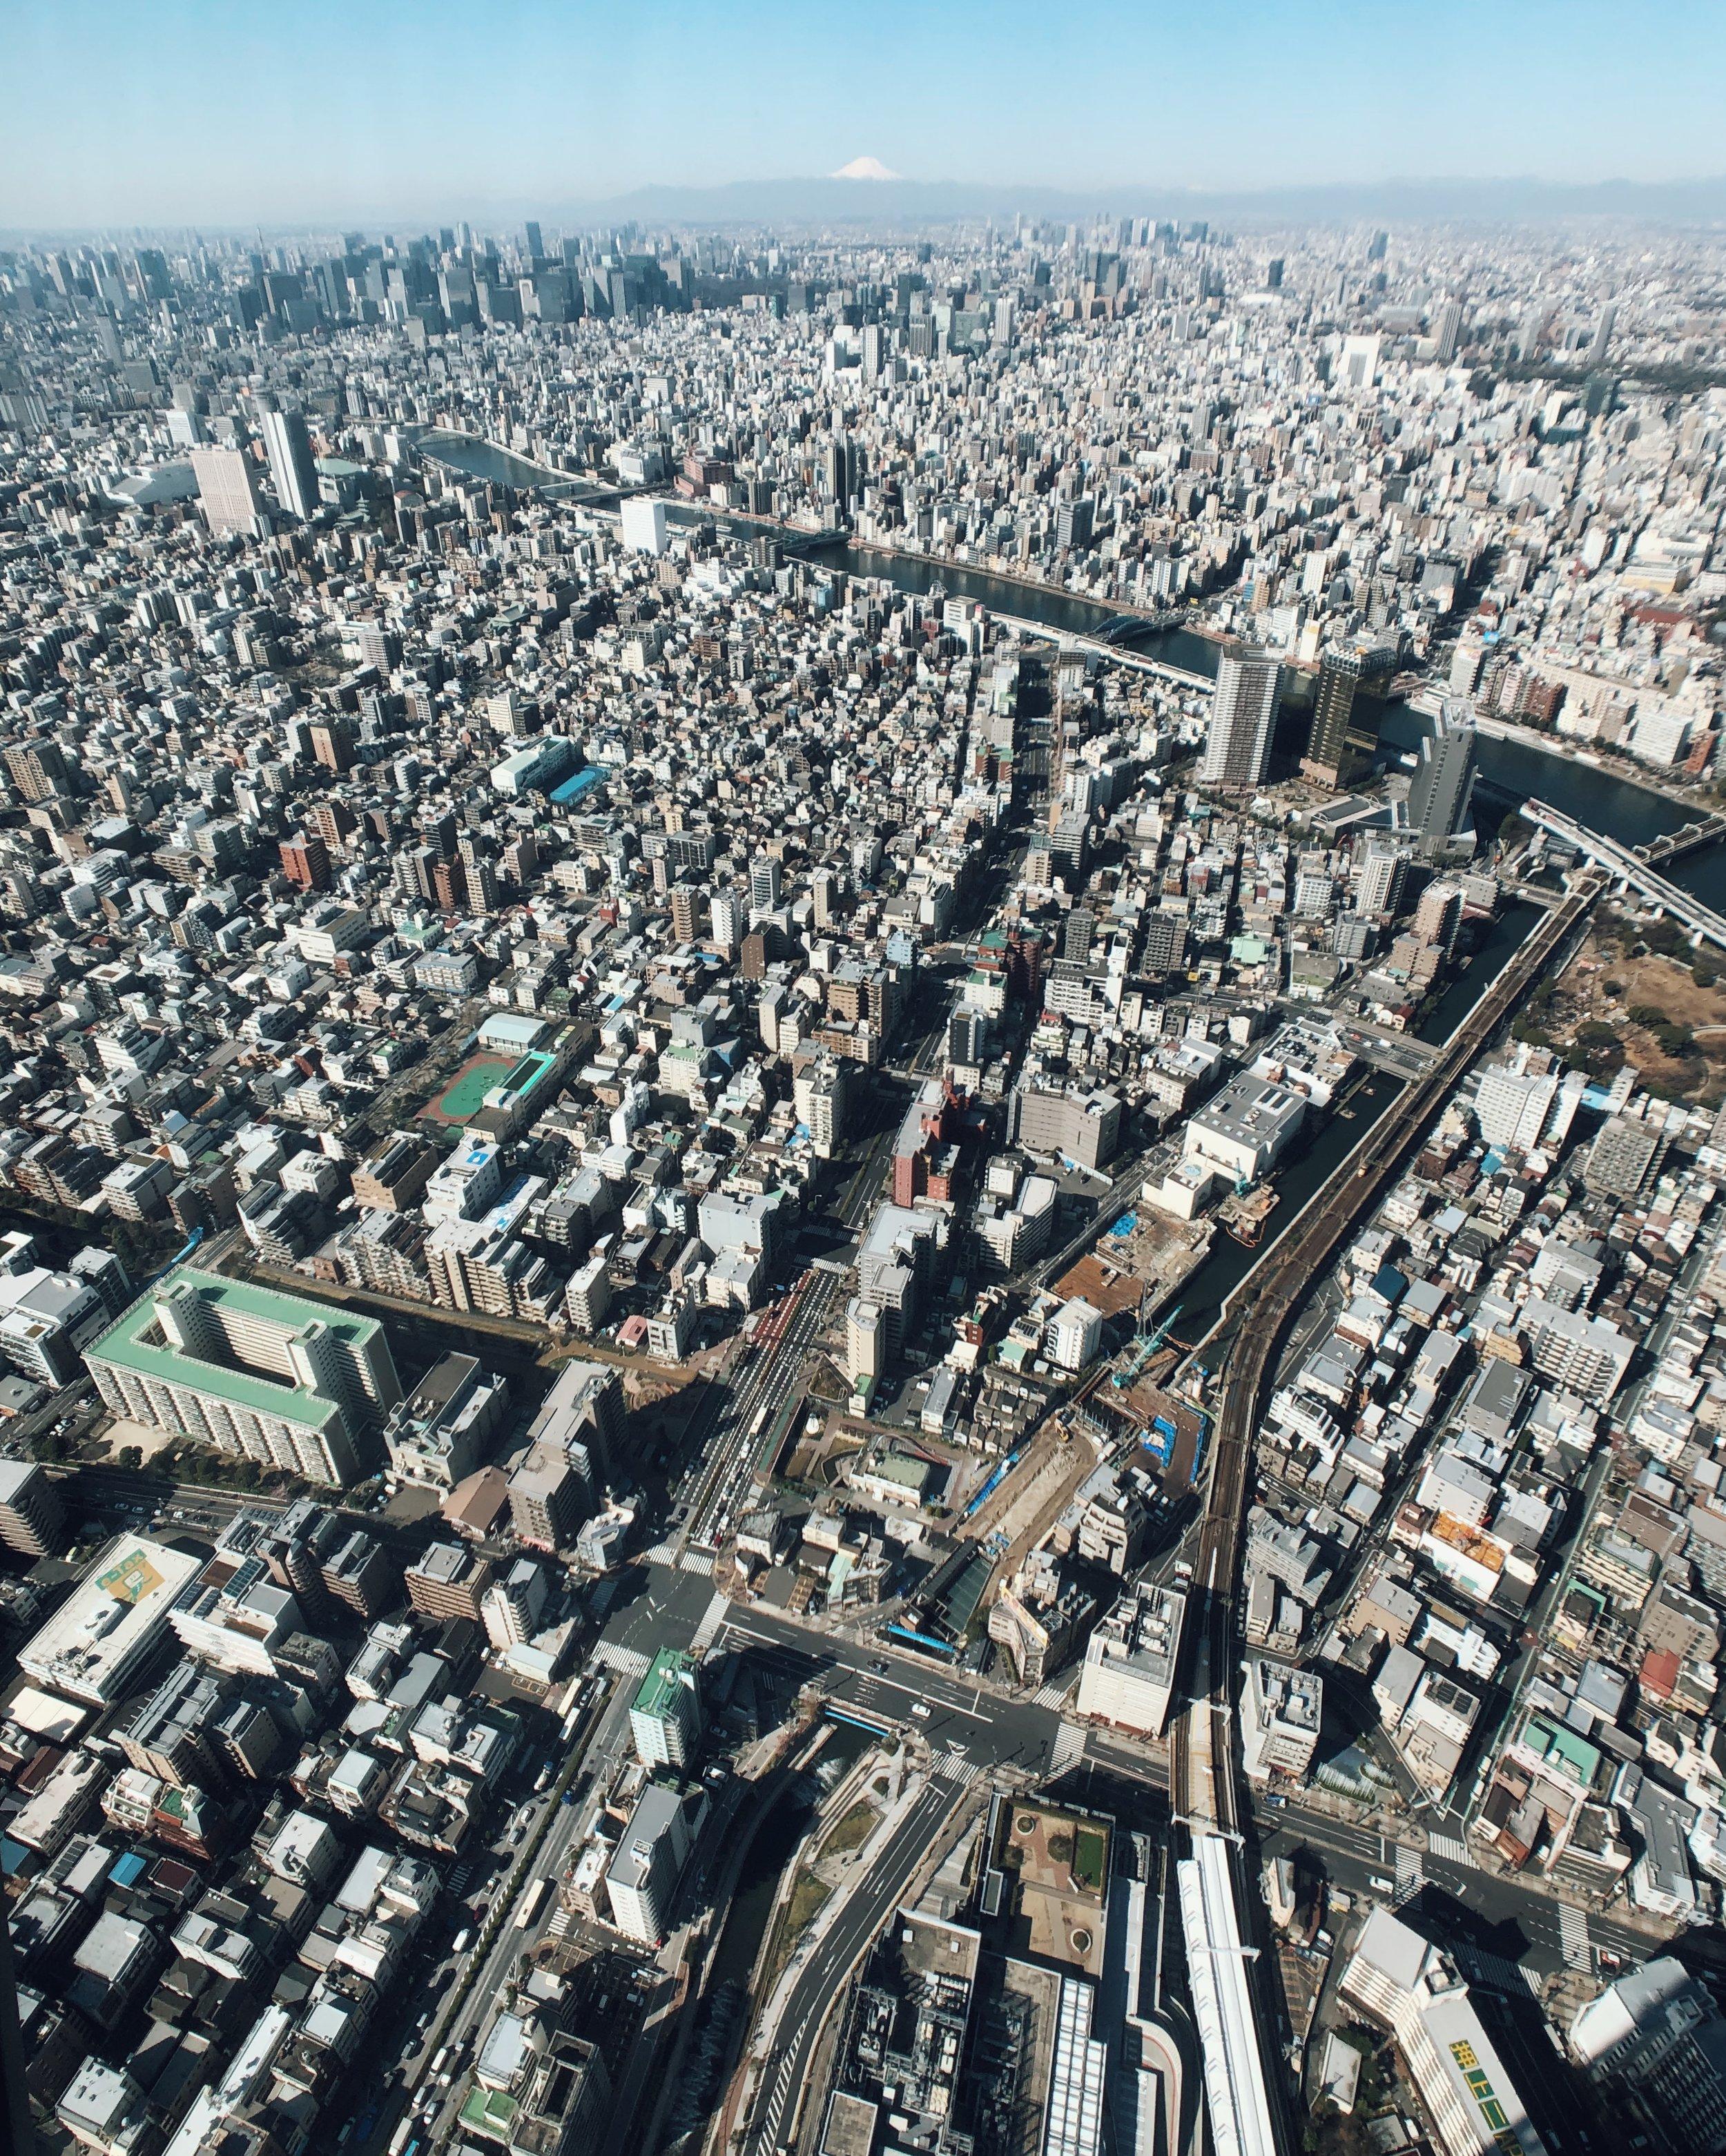 The concrete jungle of Tokyo.